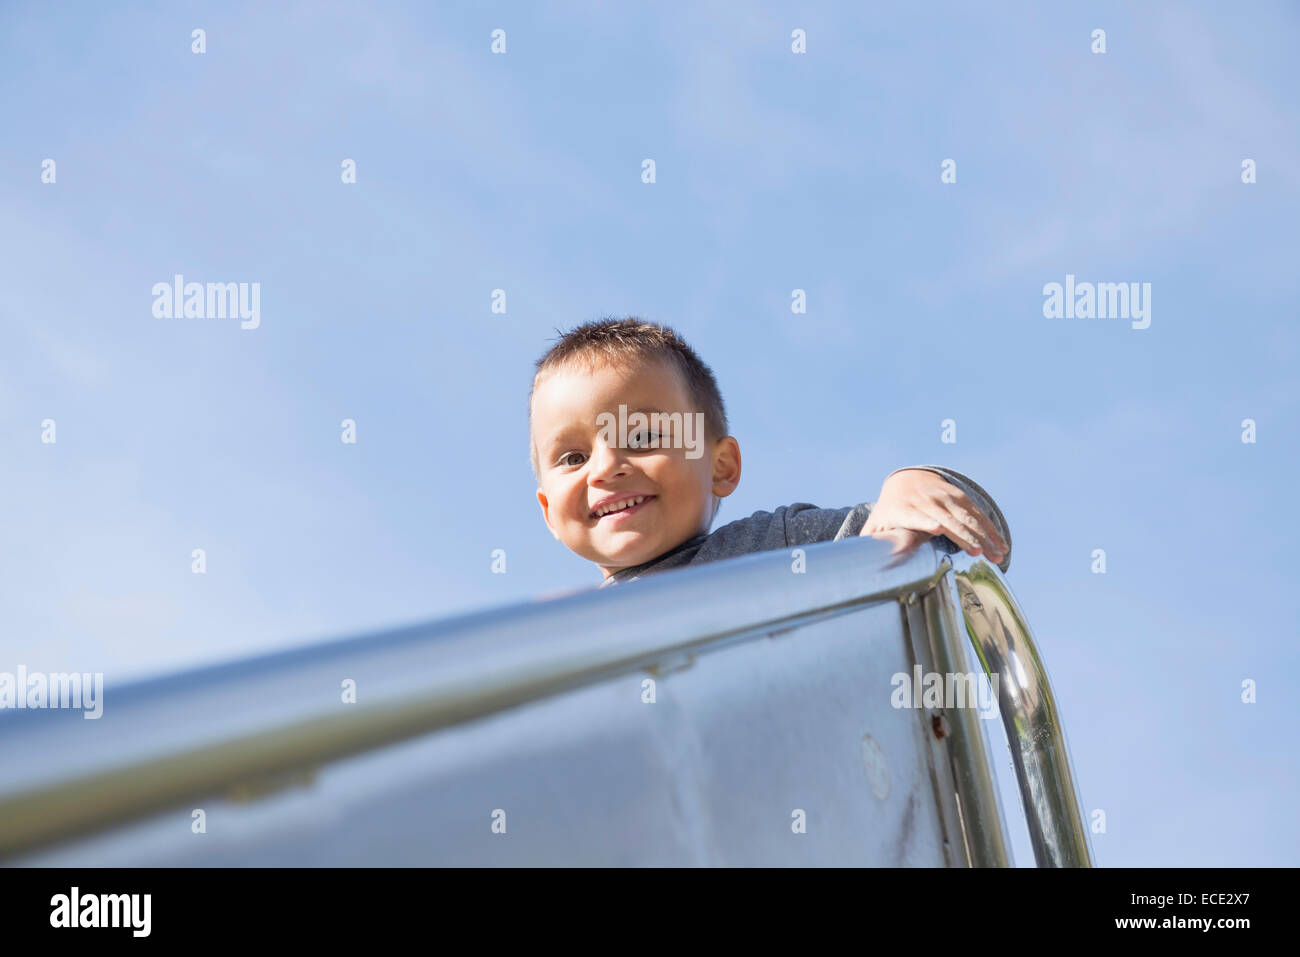 Spielplatz kleiner Junge hoch oben Porträt Folie Metall Stockbild